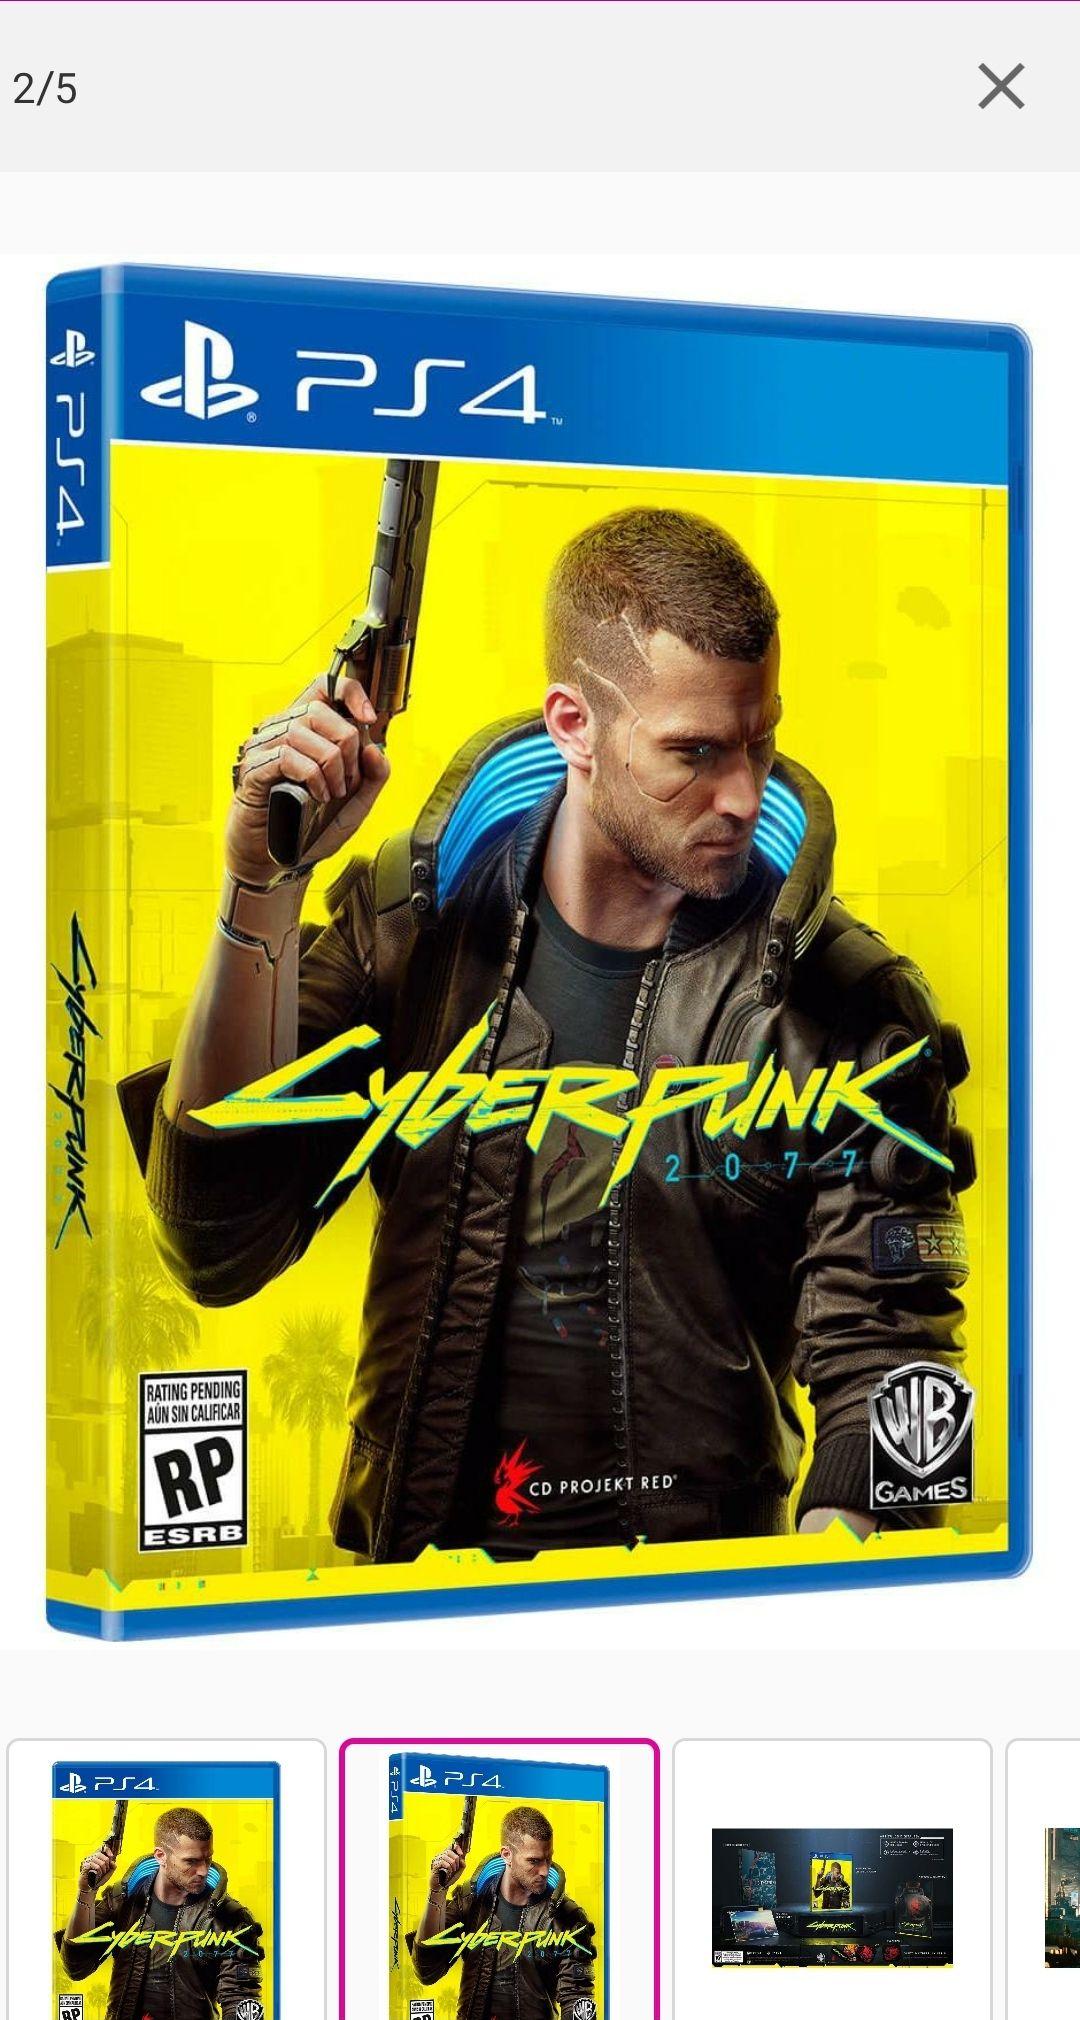 Liverpool: Cyberpunk 2077 edición standar ps4